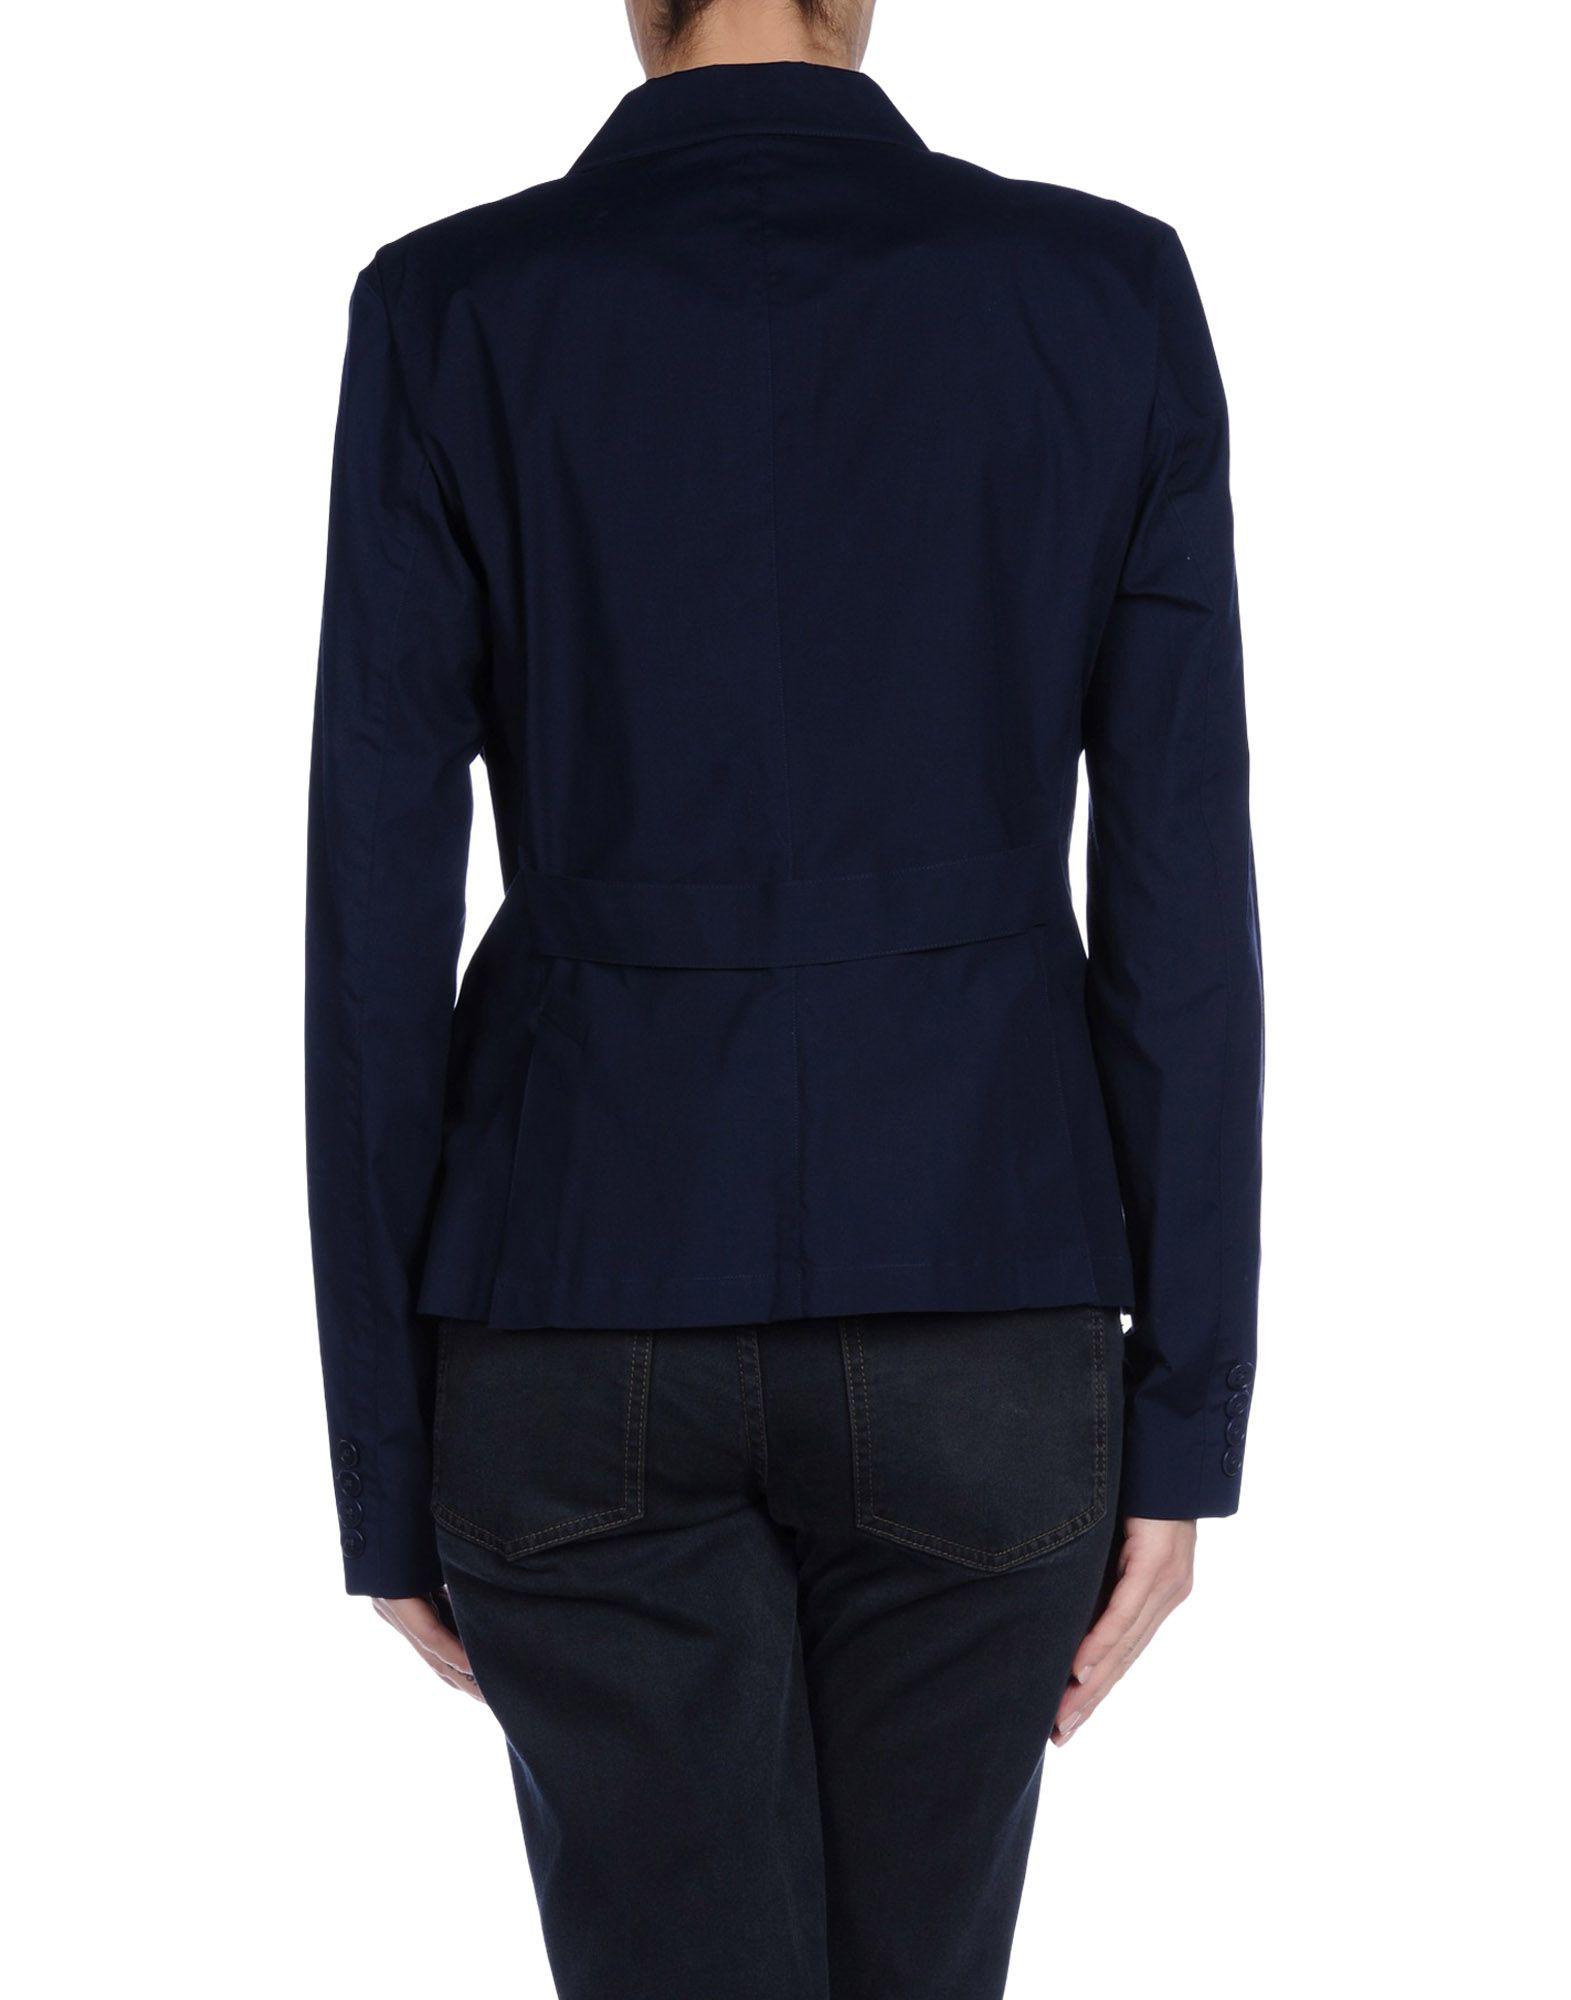 ralph lauren blazer in blue dark blue lyst. Black Bedroom Furniture Sets. Home Design Ideas